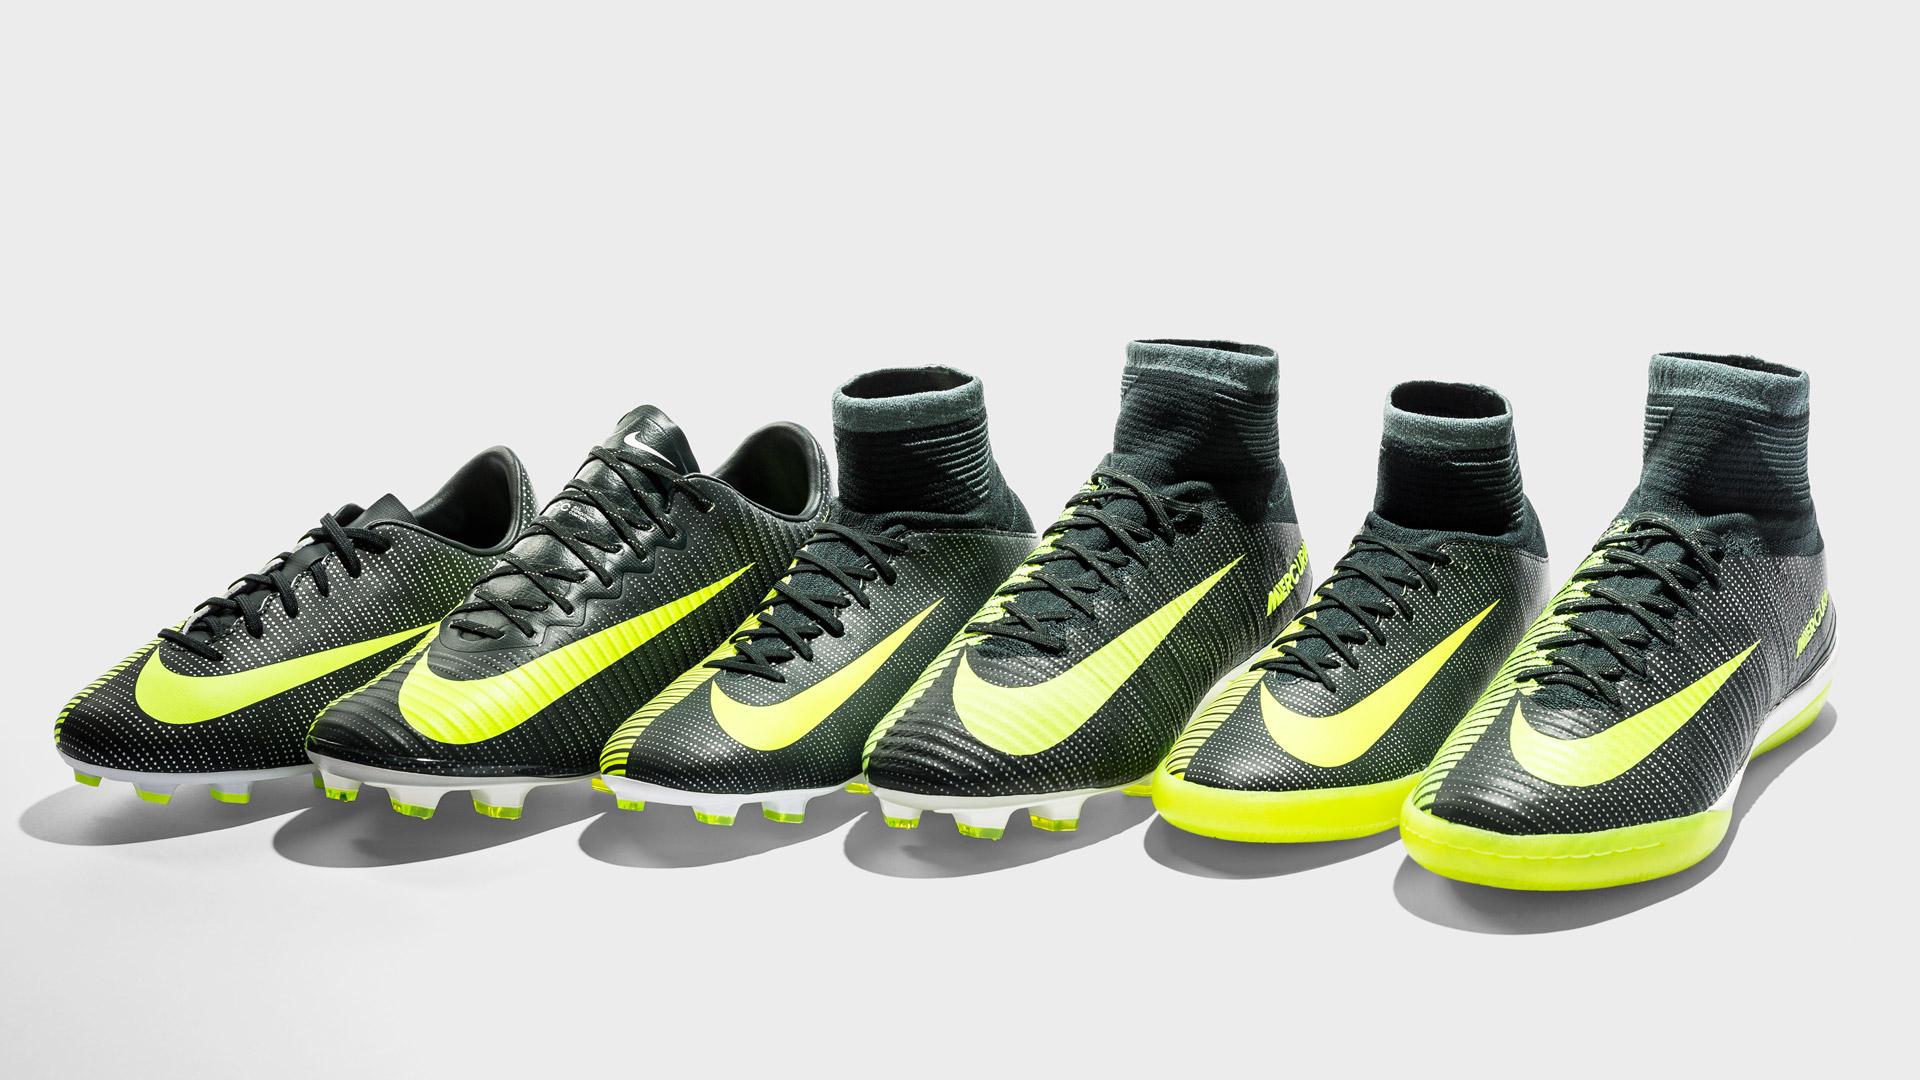 Nike Enfants Cr7 Et Mercurial Pour Adultes Chaussures w8nOX0kP